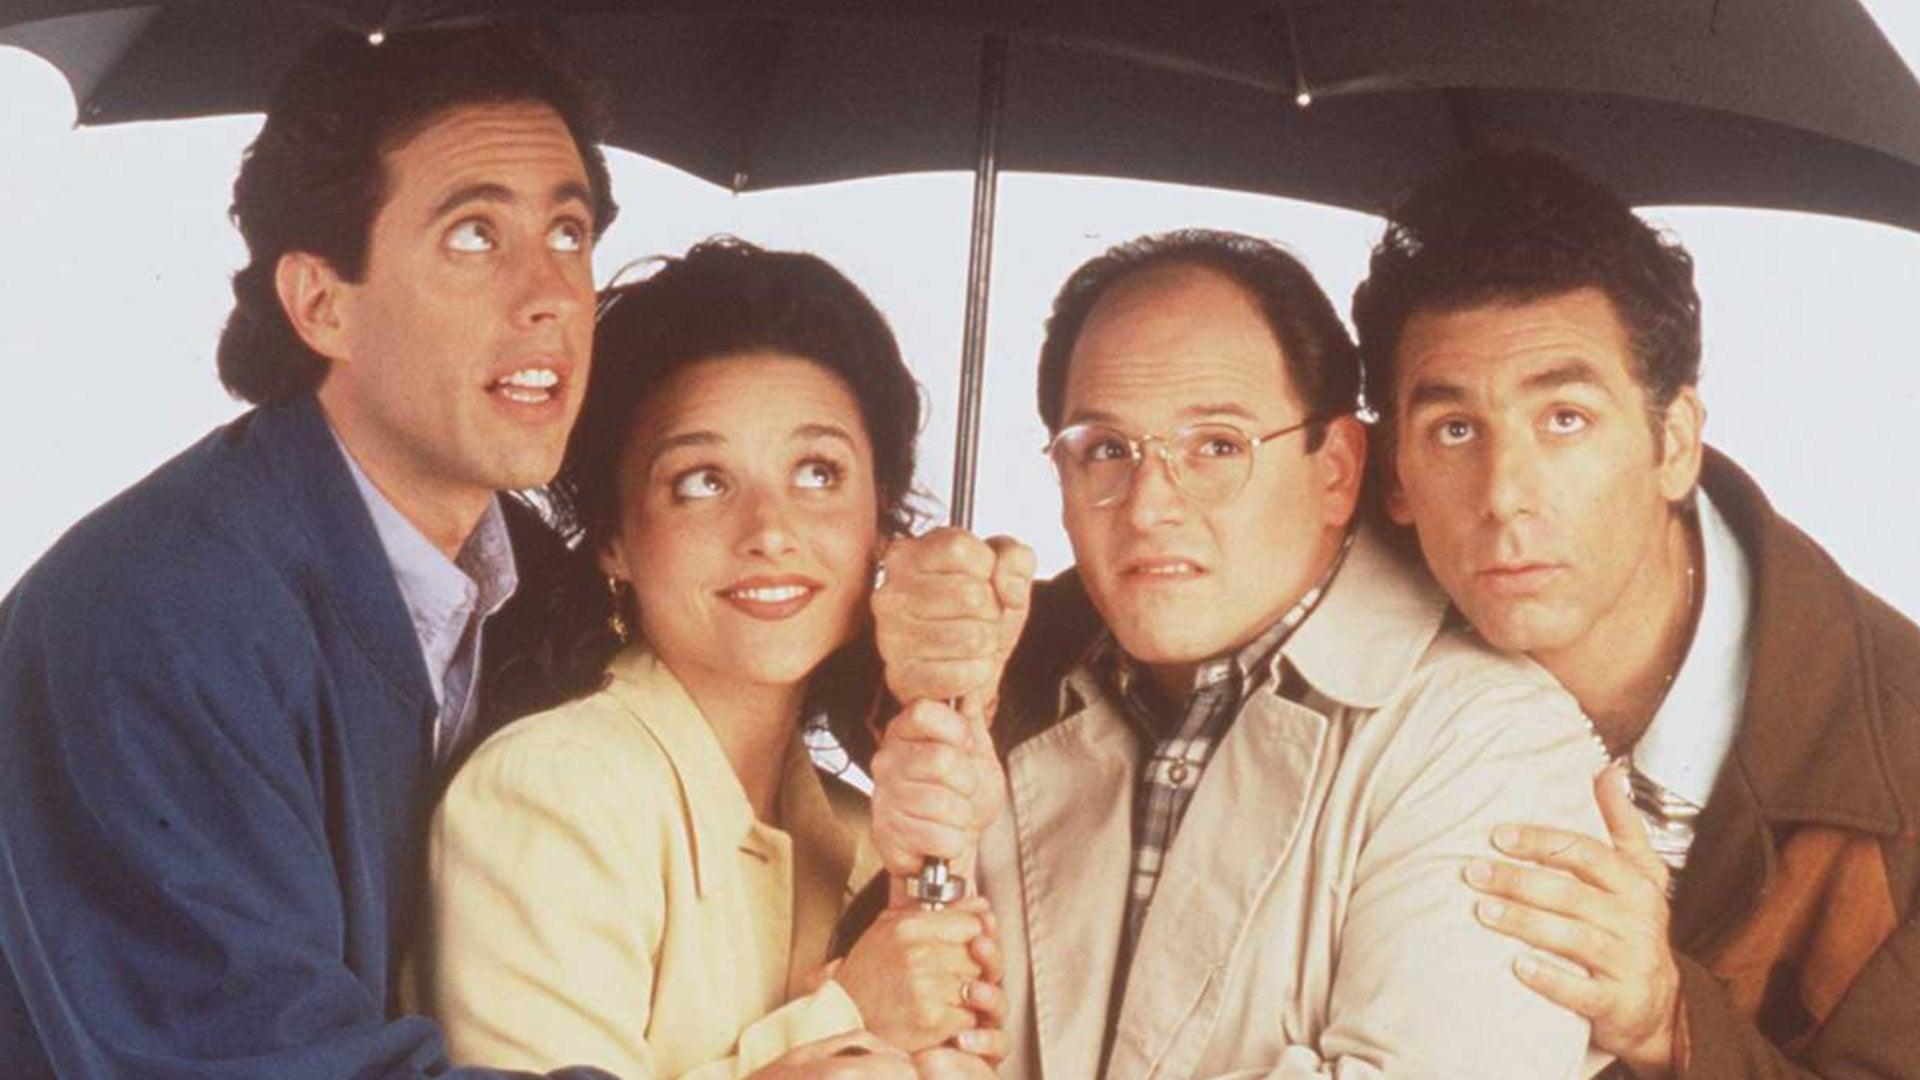 Jerry Seinfeld, Julia Louis-Dreyfus, Jason Alexander, and Michael Richards, Seinfeld